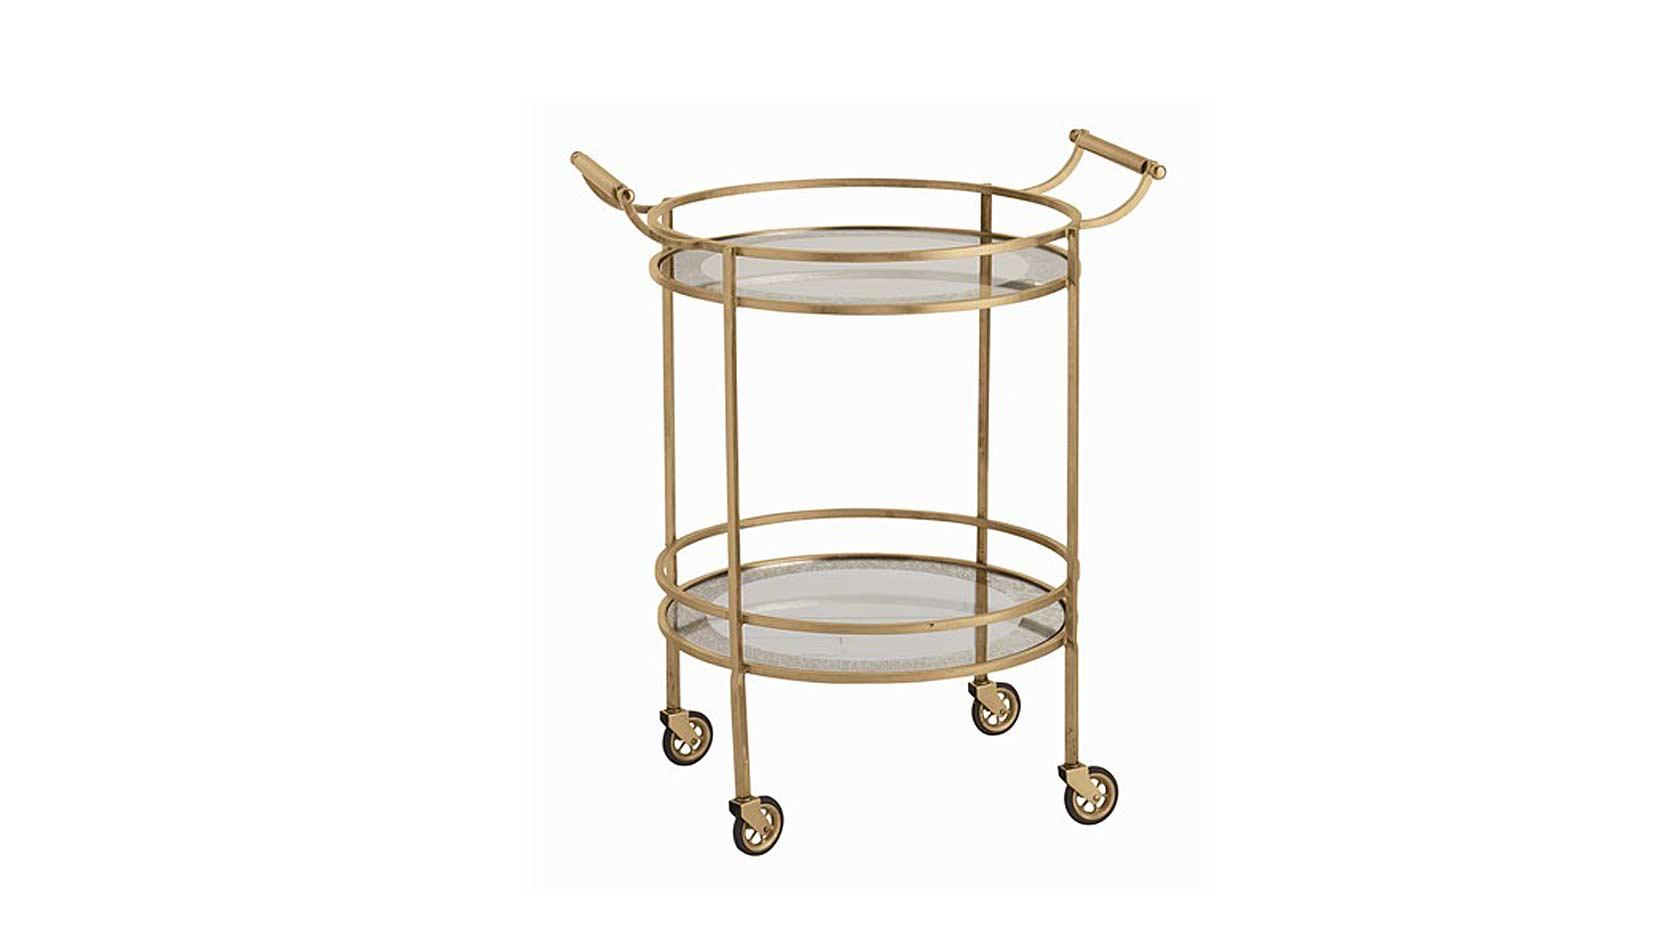 Montreaux Round Bar Cart